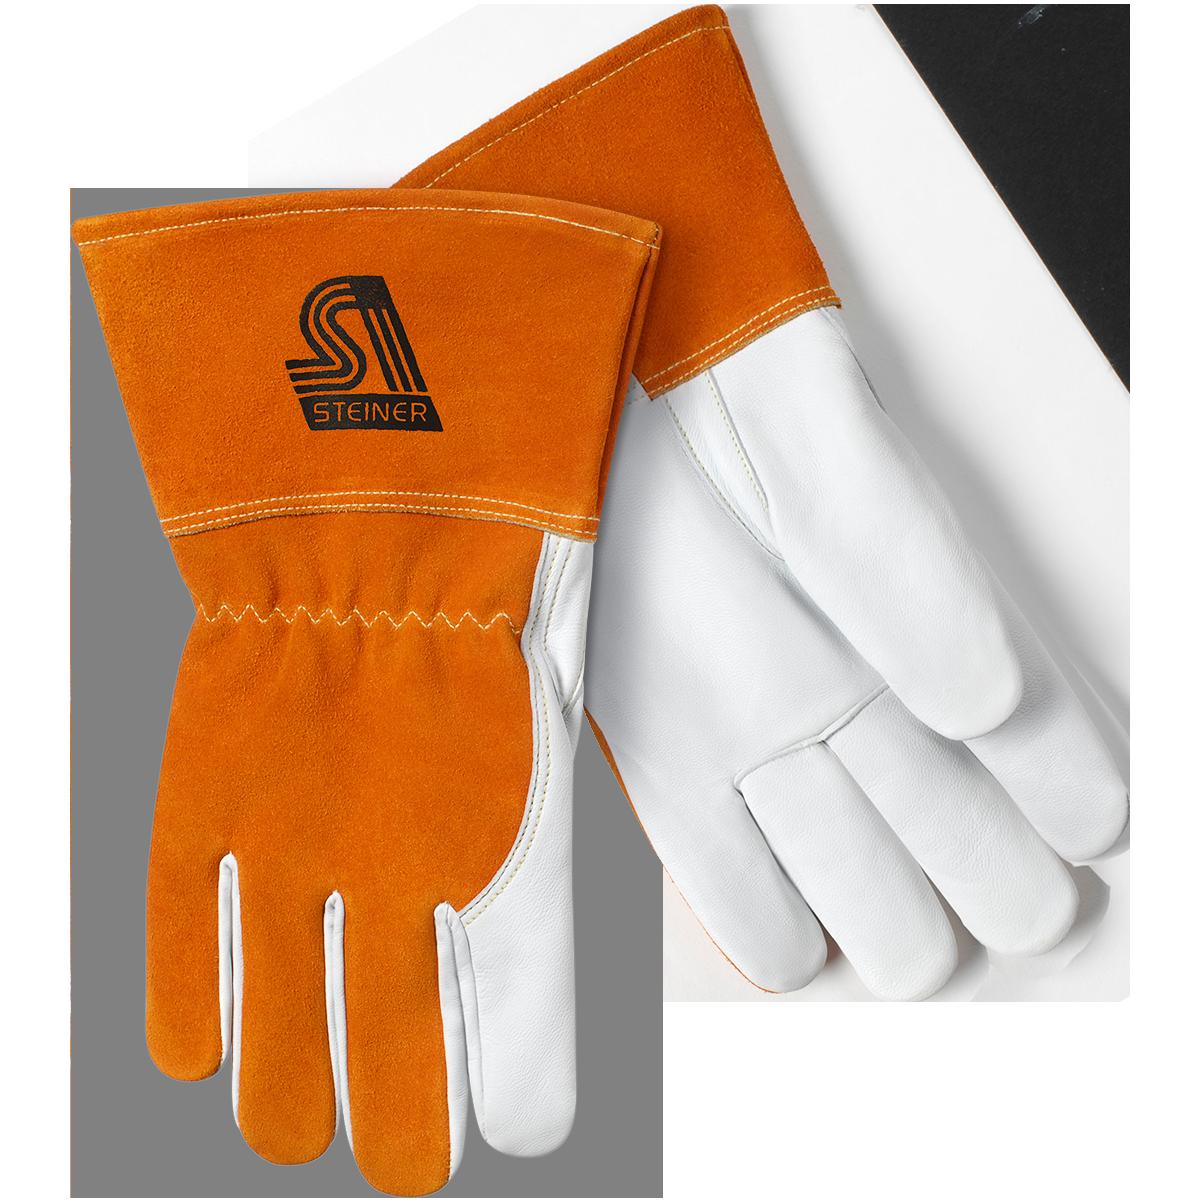 Glove clipart welding glove. Mig steiner industries